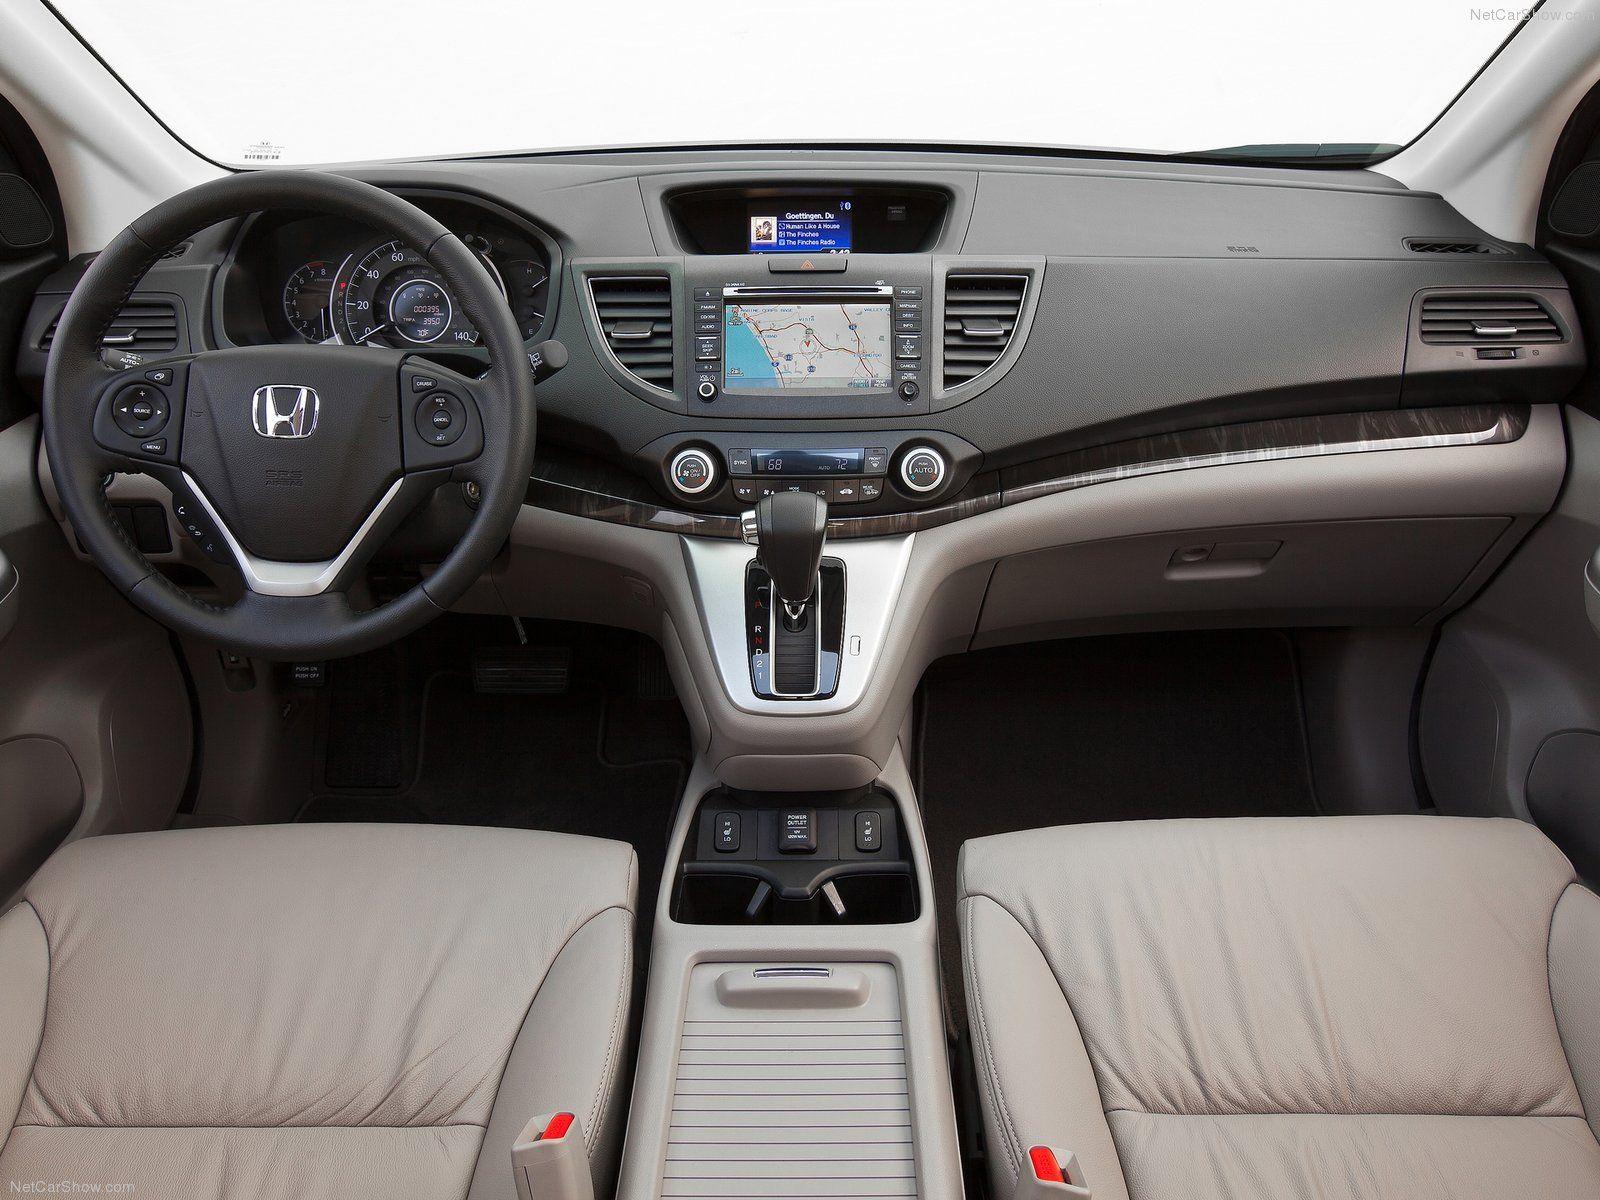 3dtuning Honda Cr Honda Crv Honda